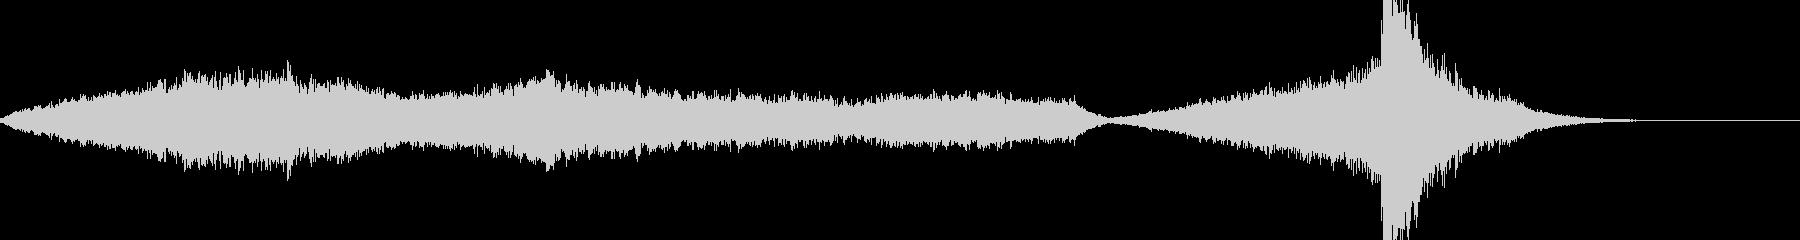 ミステリアスなホラーの曲の未再生の波形